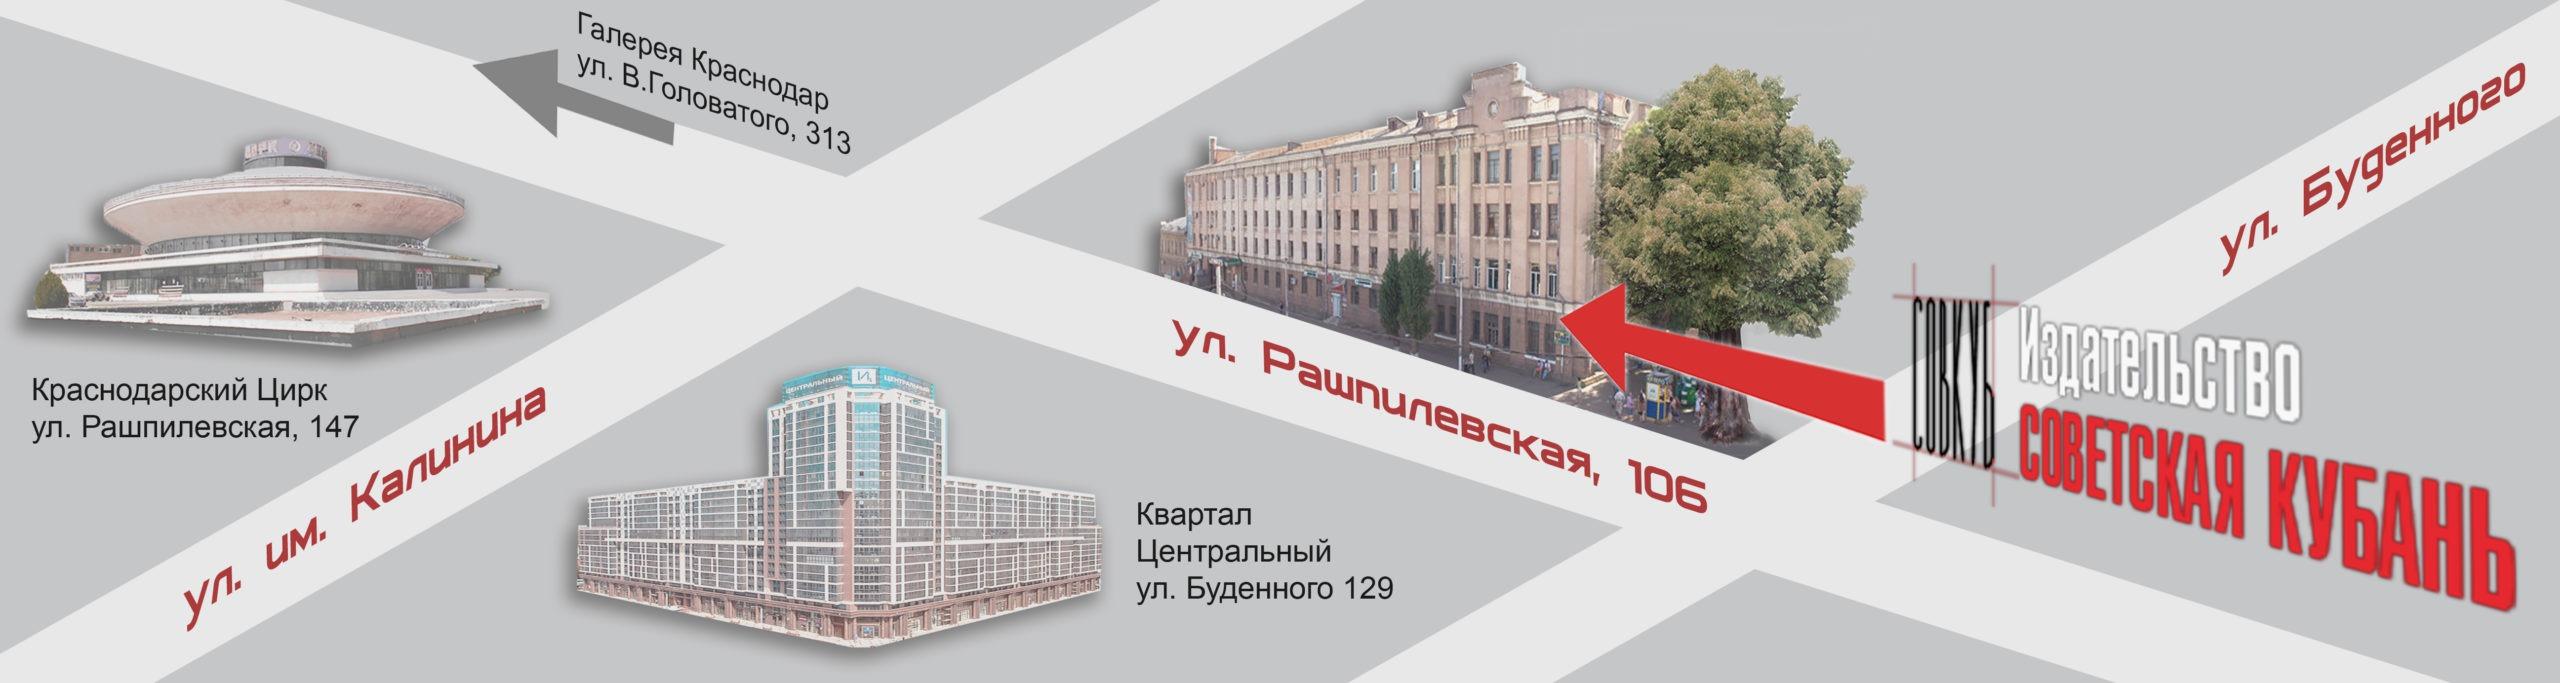 Схема проезда в Краснодаре